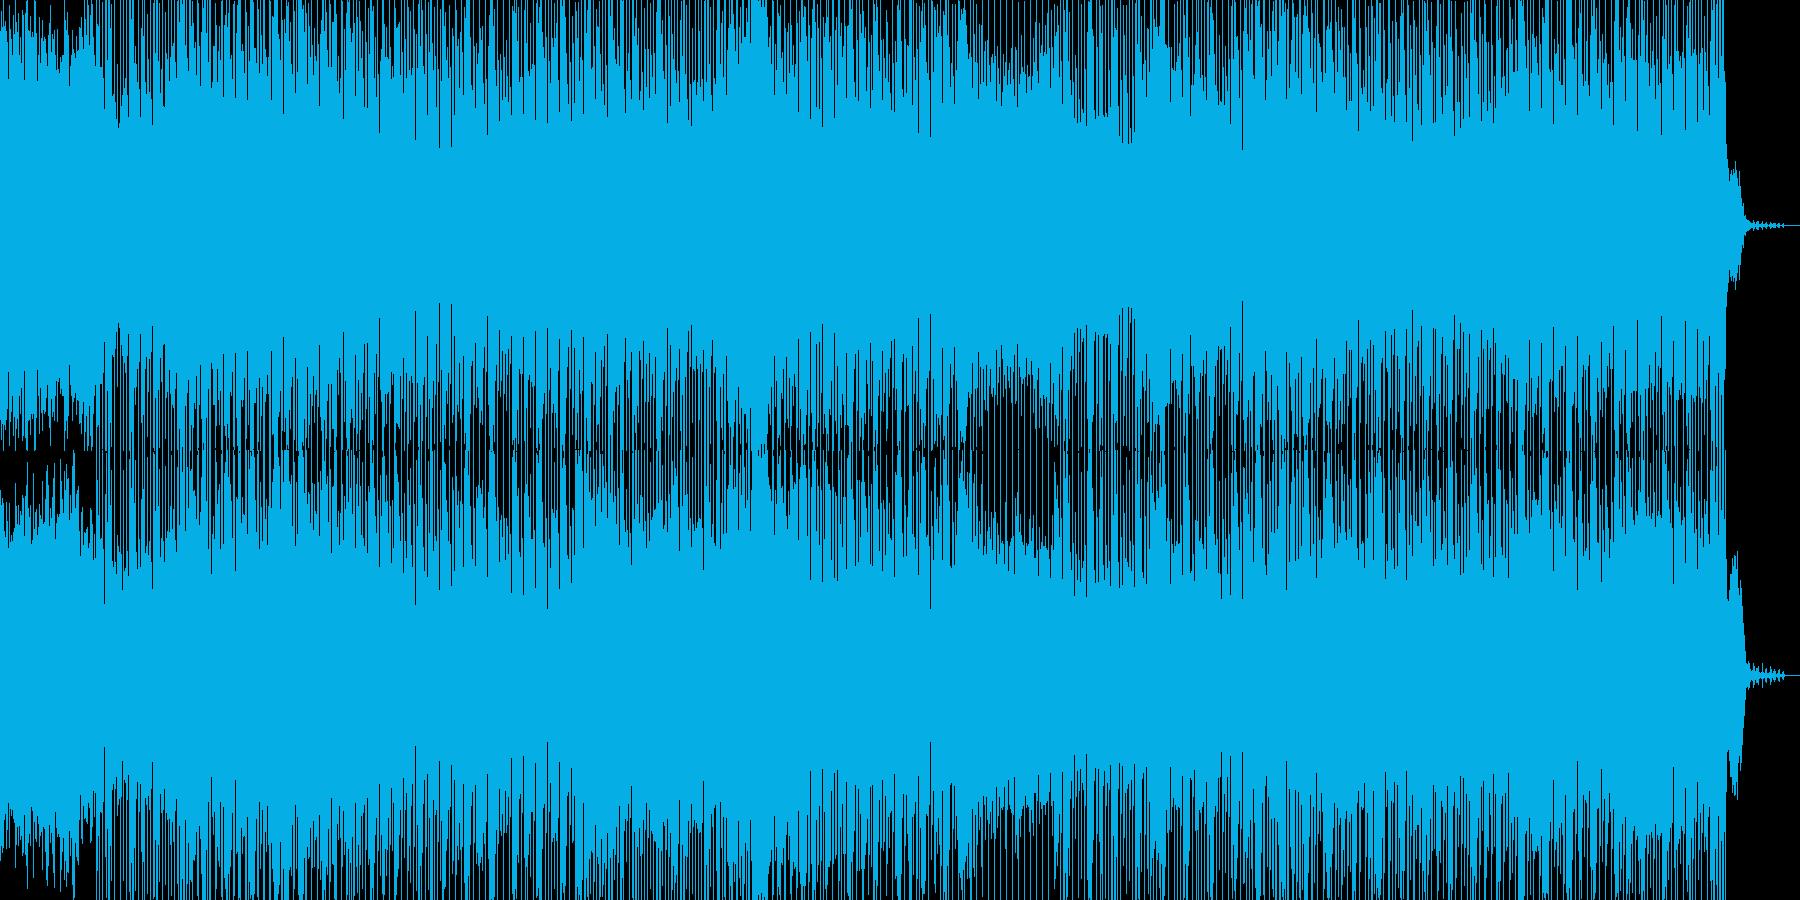 印象的なリフと軽快なリズムのBGMの再生済みの波形